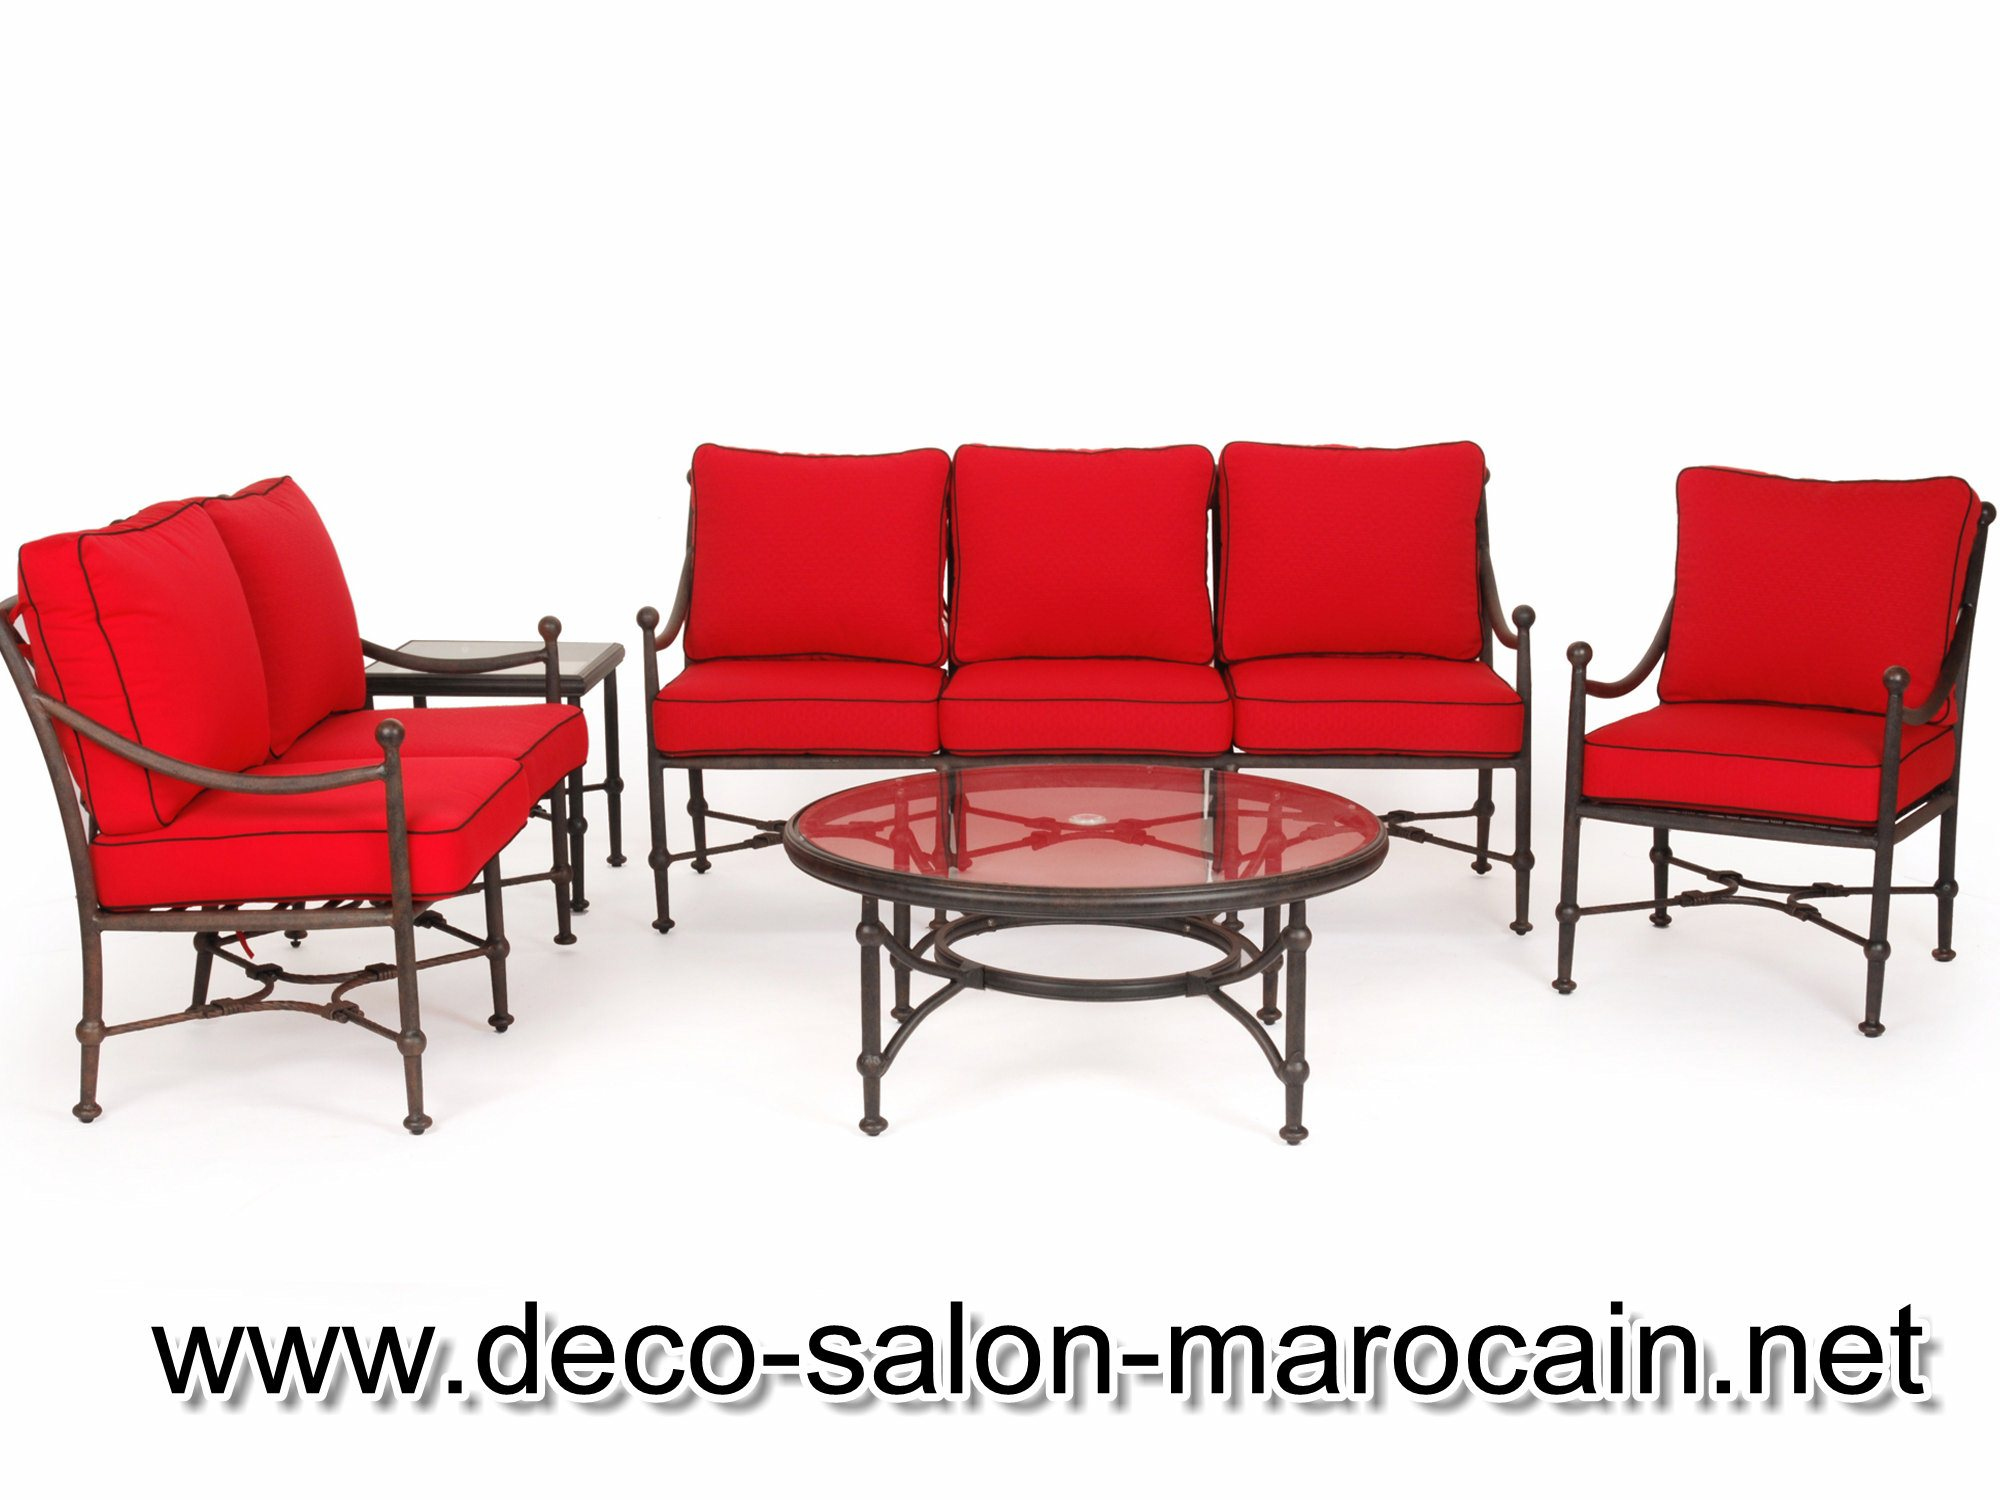 Modele De Salon Moderne 2015 : Modèles de salons marocains en fer forgé déco salon marocain